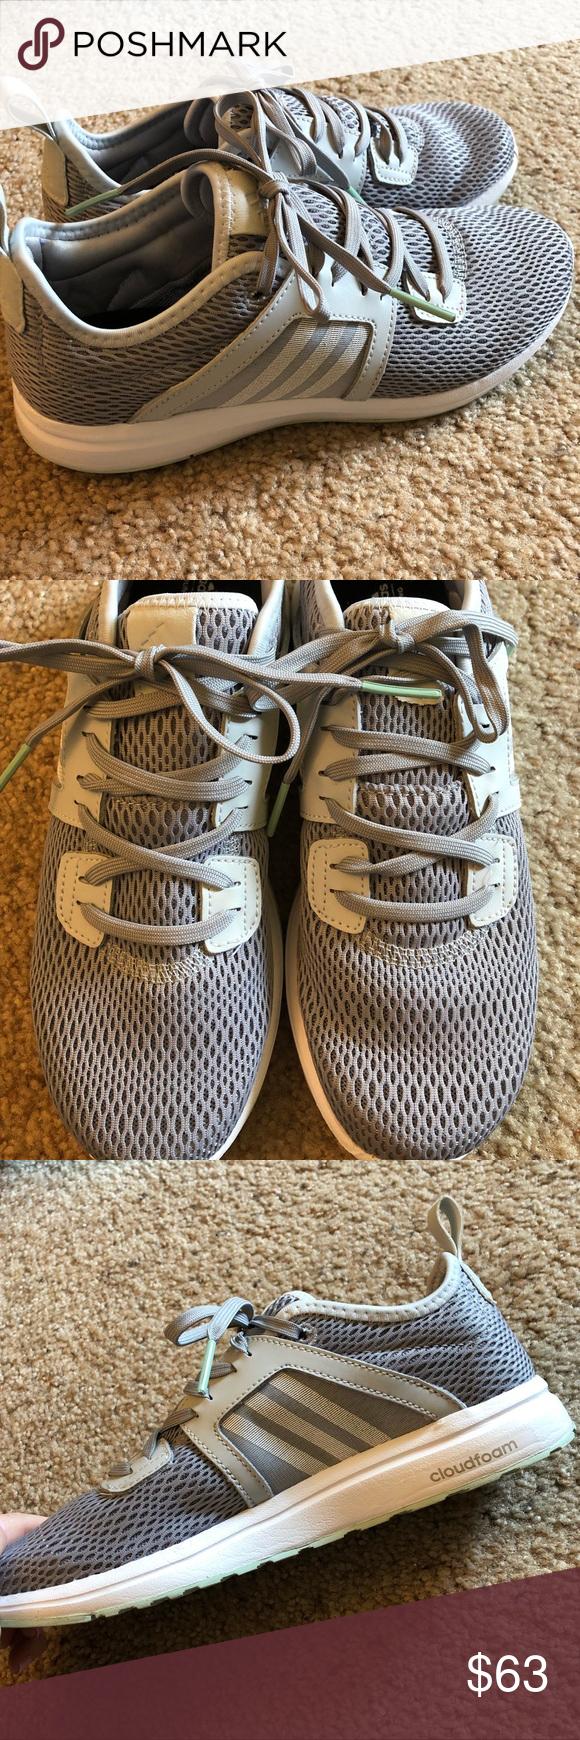 Zapatillas de corriendo Adidas cloudfoam Ortholite